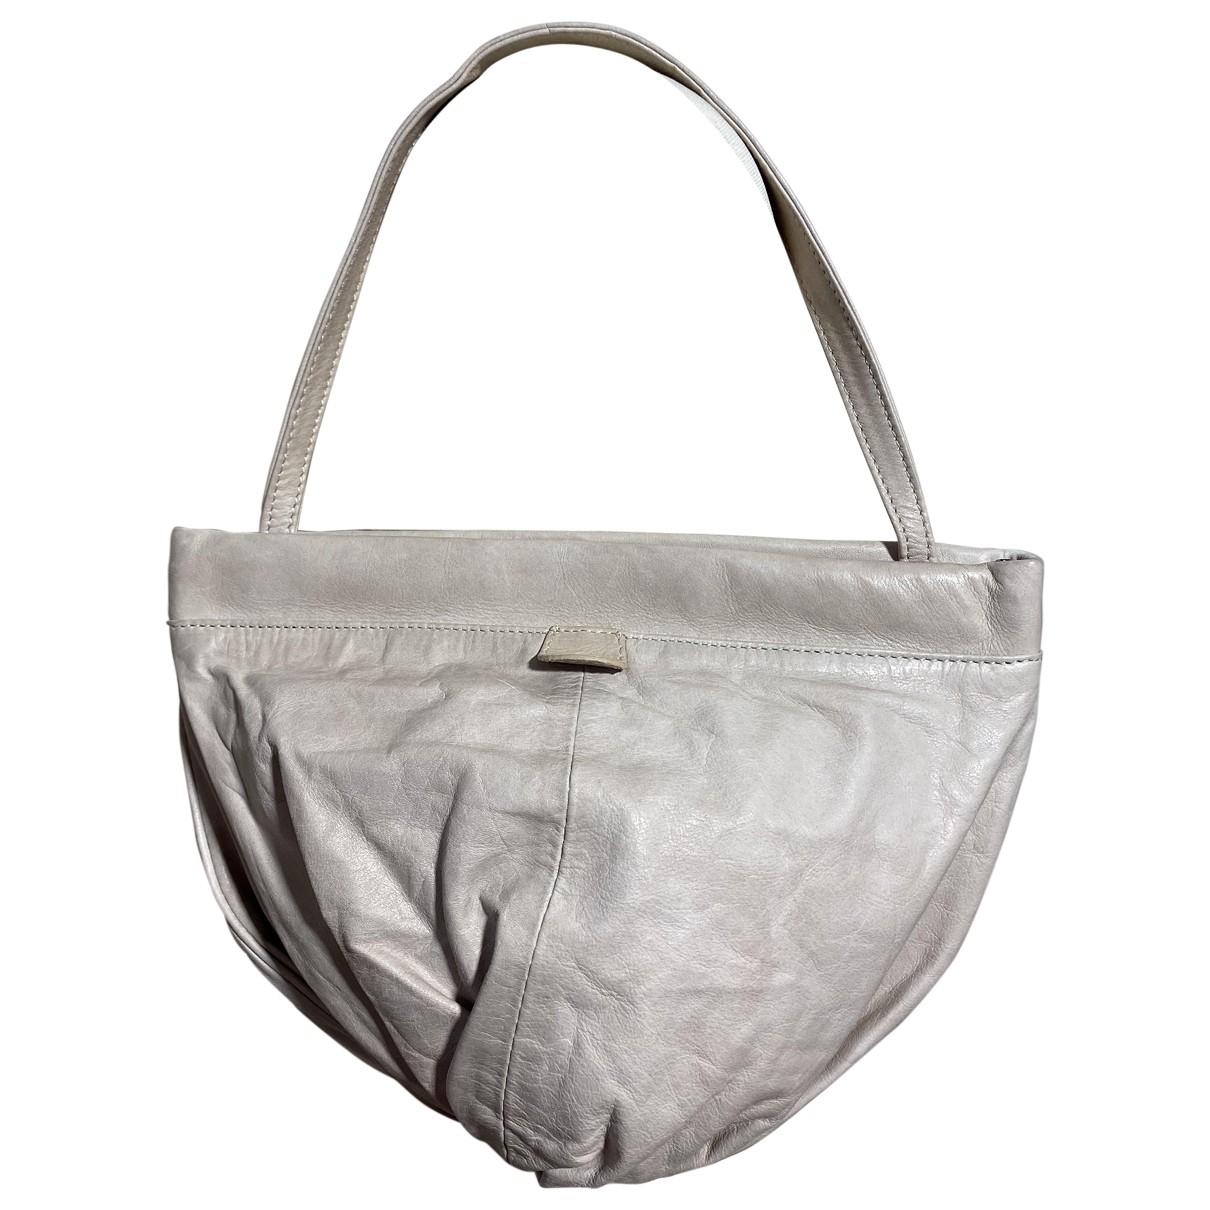 Jean Paul Gaultier \N Beige Leather handbag for Women \N